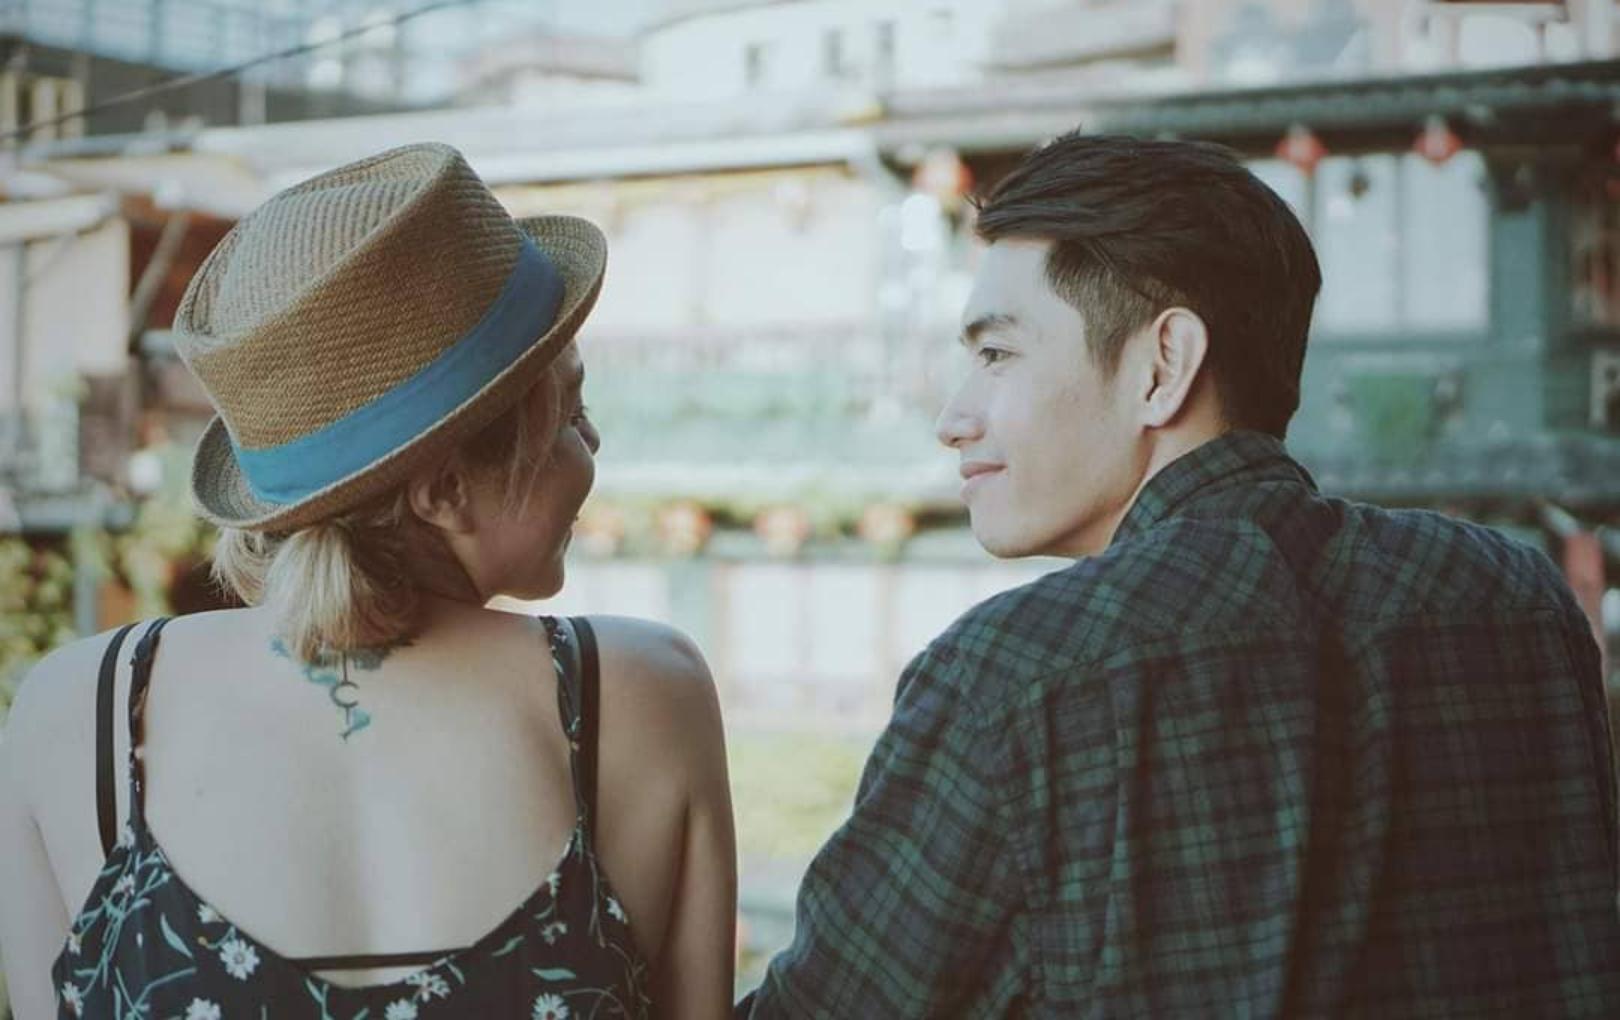 """Hậu chia tay, Quang Đăng nhắn nhủ Thái Trinh: """"Anh luôn mong em bình yên nhất với cuộc sống của mình"""""""